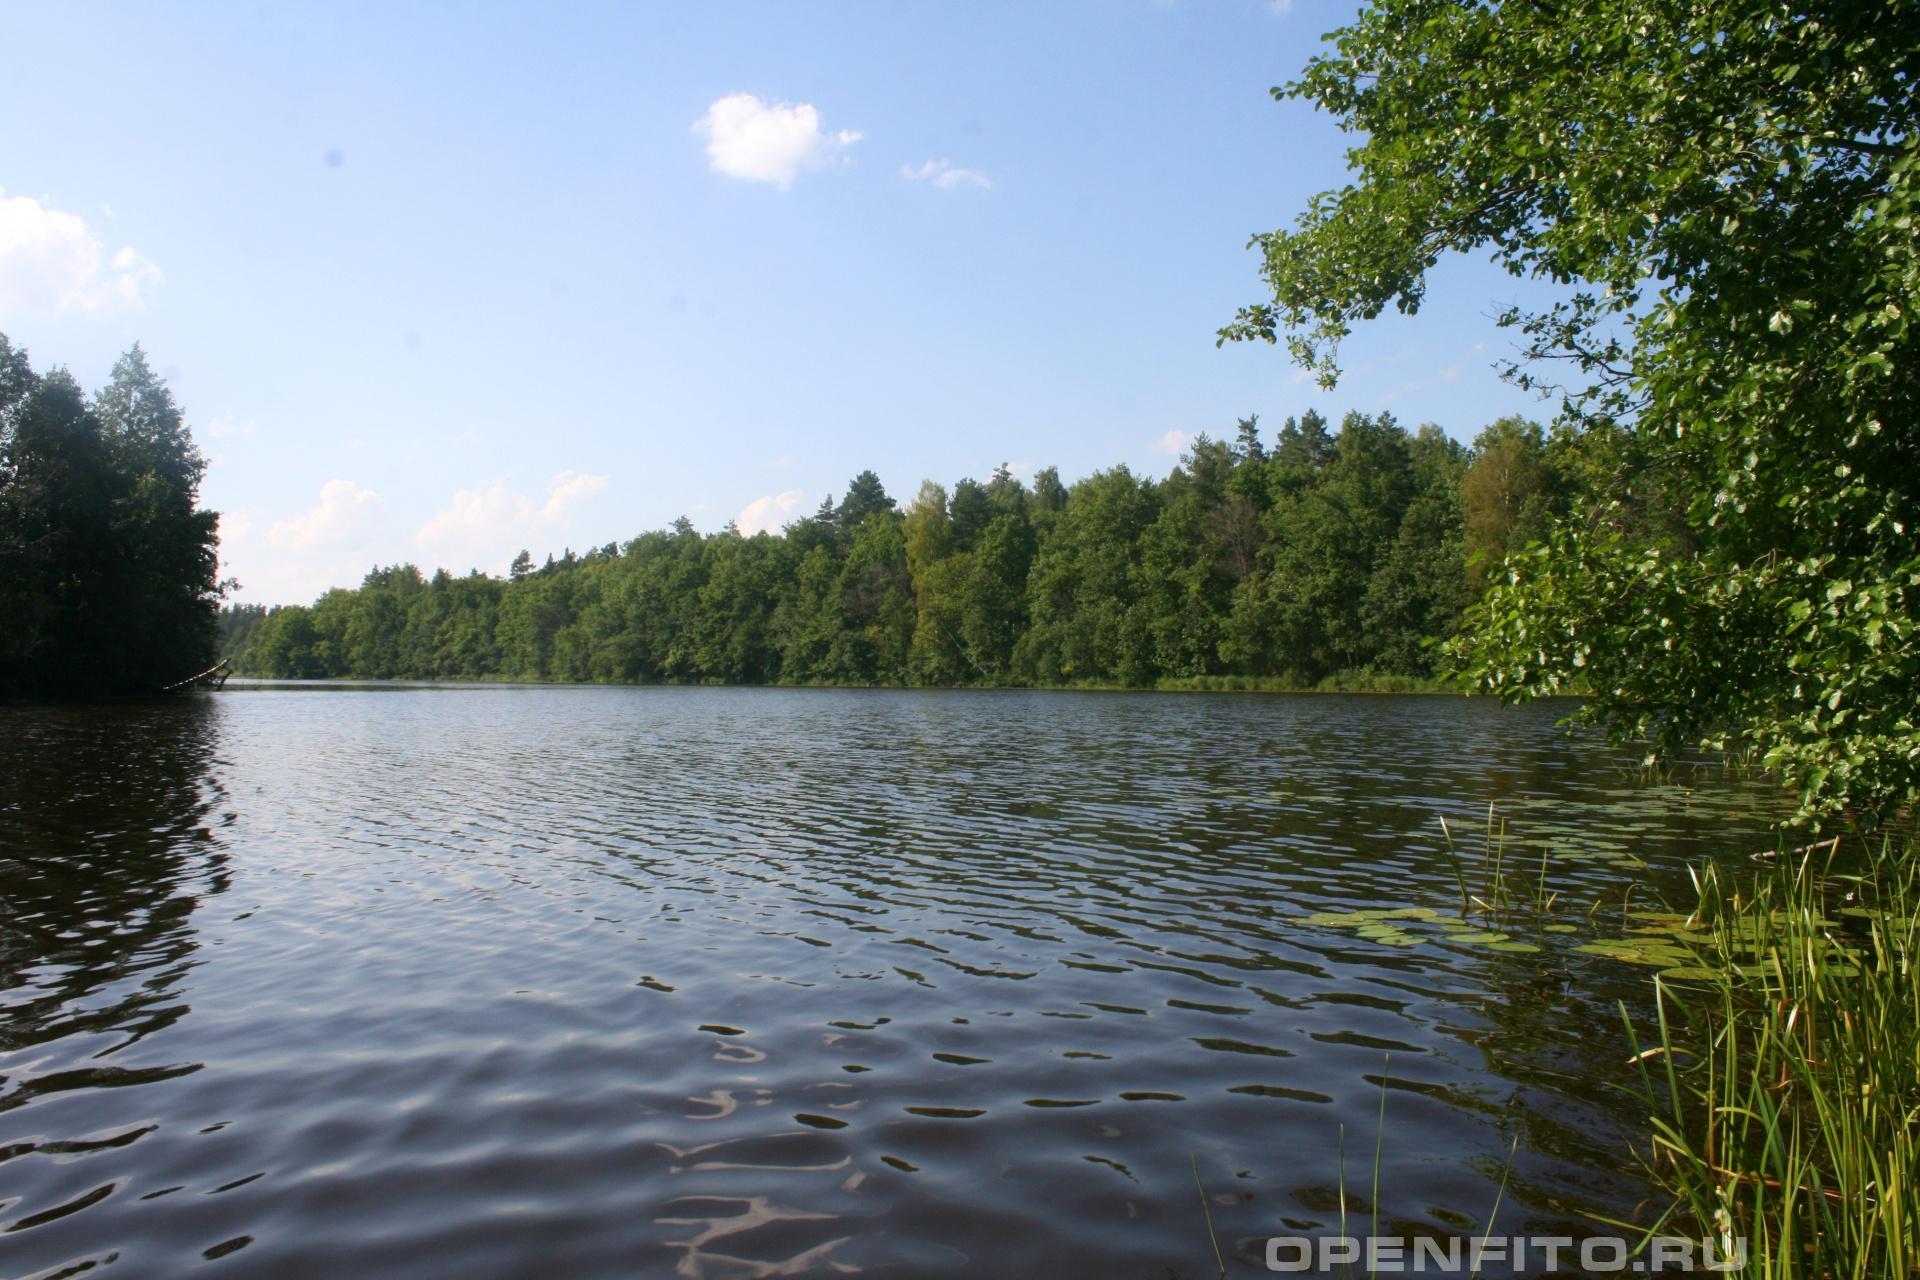 фото озеро долгое дзержинский вошла альбом под